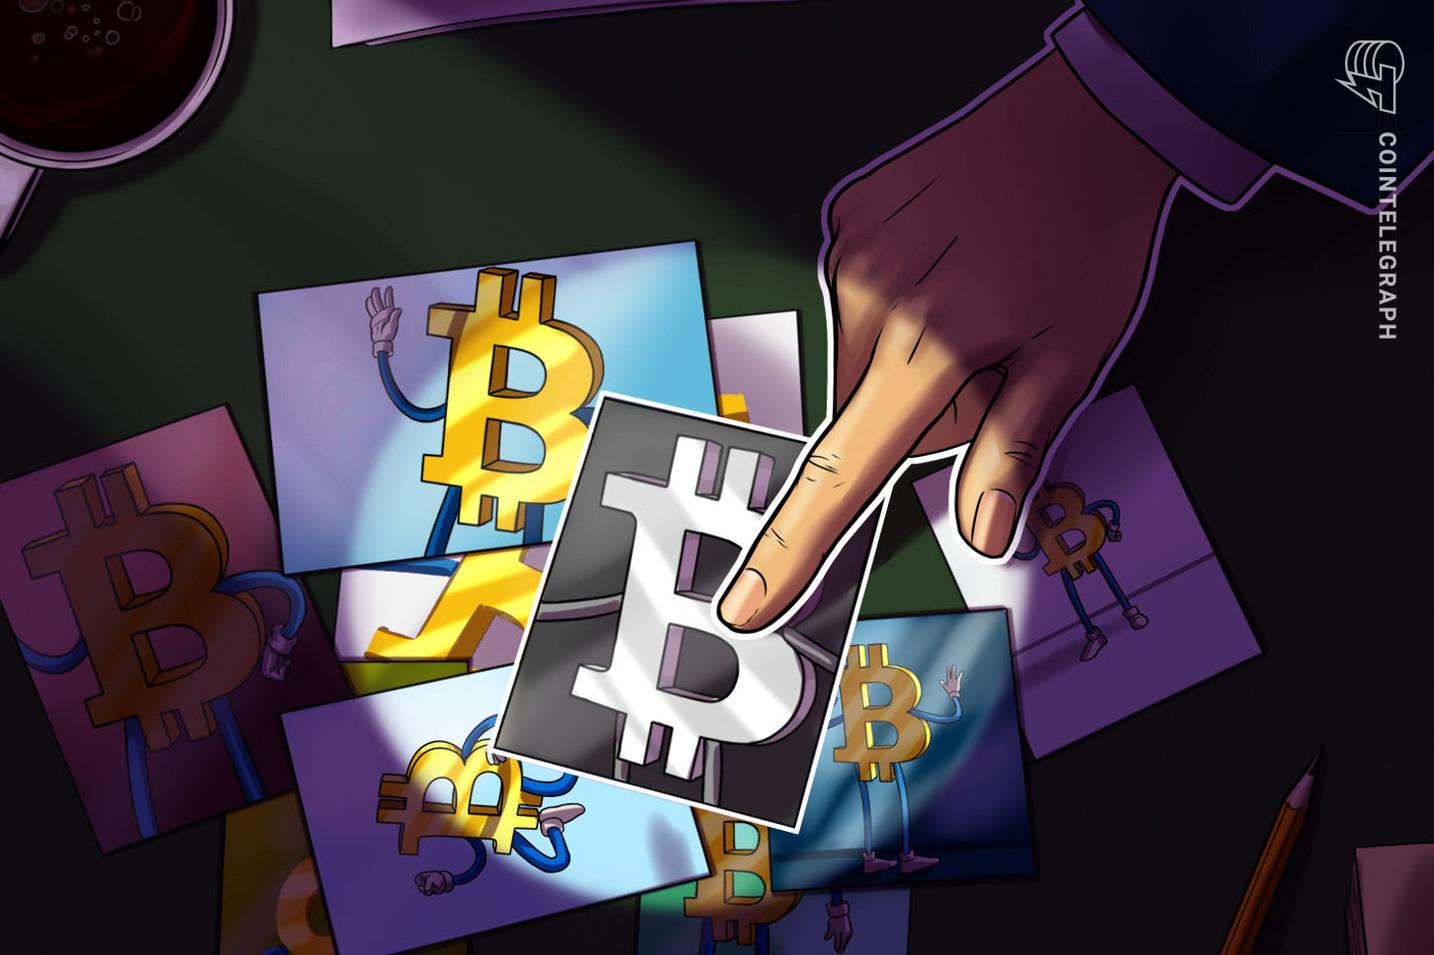 Bitfinex hizo una transacción de USD 1,100 millones en BTC por solo USD 0.68